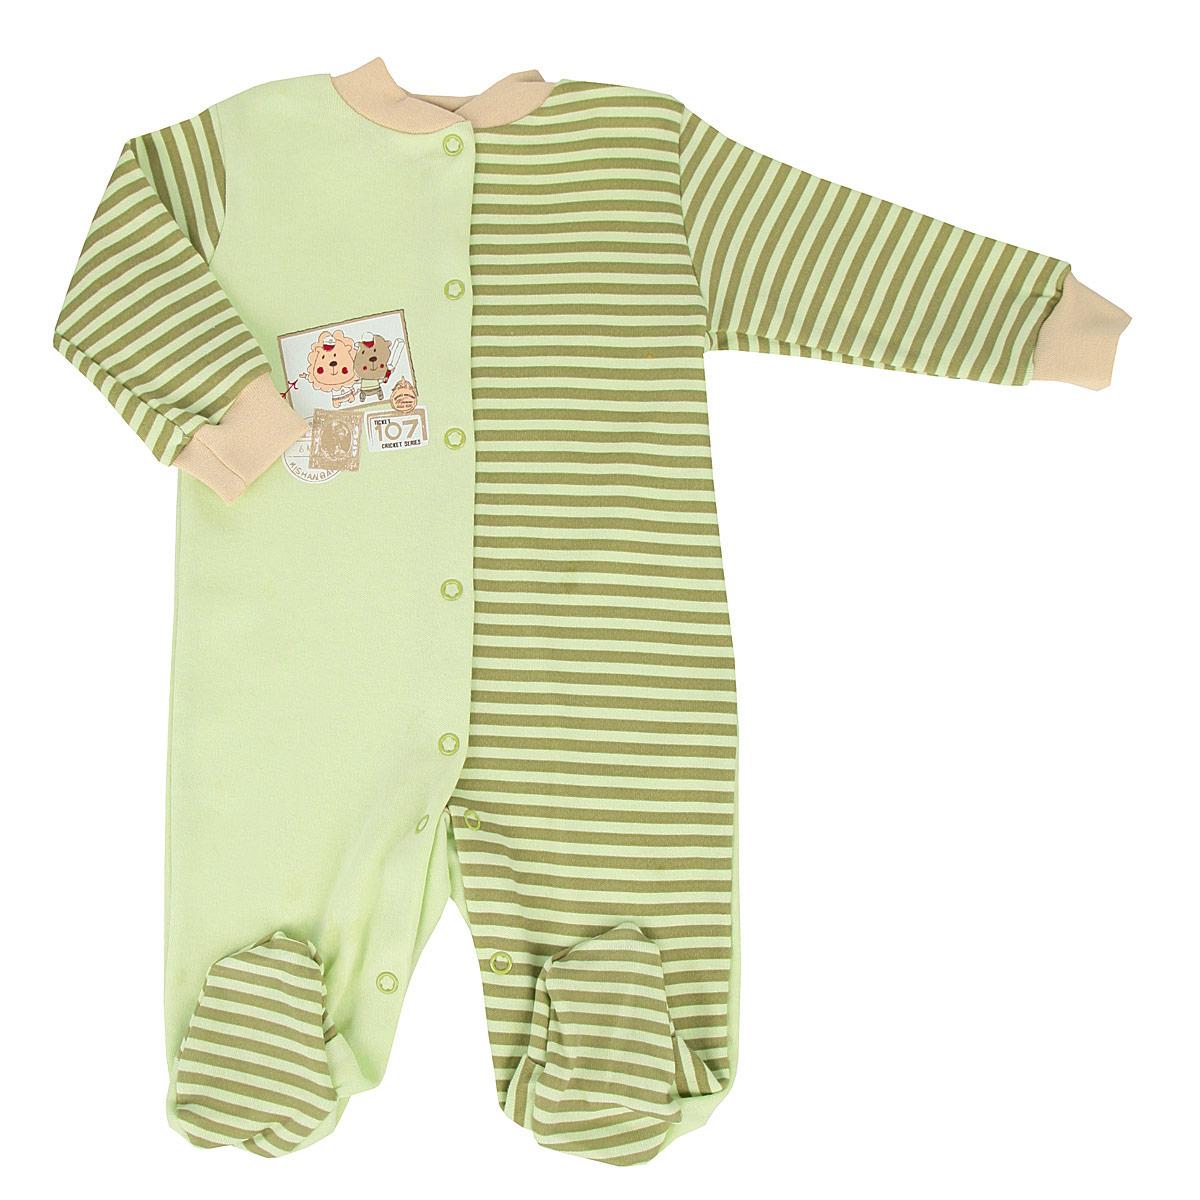 Комбинезон для мальчика КотМарКот, цвет: оливковый, светло-зеленый. 6283. Размер 68, 3-6 месяцев6283Детский комбинезон для мальчика КотМарКот - очень удобный и практичный вид одежды для малышей. Комбинезон выполнен из натурального хлопка, благодаря чему он необычайно мягкий и приятный на ощупь, не раздражает нежную кожу ребенка, хорошо вентилируется, и не препятствует его движениям. Комбинезон с длинными рукавами и закрытыми ножками застегивается при помощи ряда кнопок спереди и по внутреннему шву штанин, что помогает легко переодеть младенца или сменить подгузник. Рукава дополнены широкими трикотажными манжетами, которые мягко обхватывают запястья.Комбинезон декорирован принтом в полоску и оформлен изображением почтовых марок с забавными зверюшками. С этим детским комбинезоном спинка и ножки вашего малыша всегда будут в тепле, он идеален для использования днем и незаменим ночью. Комбинезон полностью соответствует особенностям жизни младенца в ранний период, не стесняя и не ограничивая его в движениях!